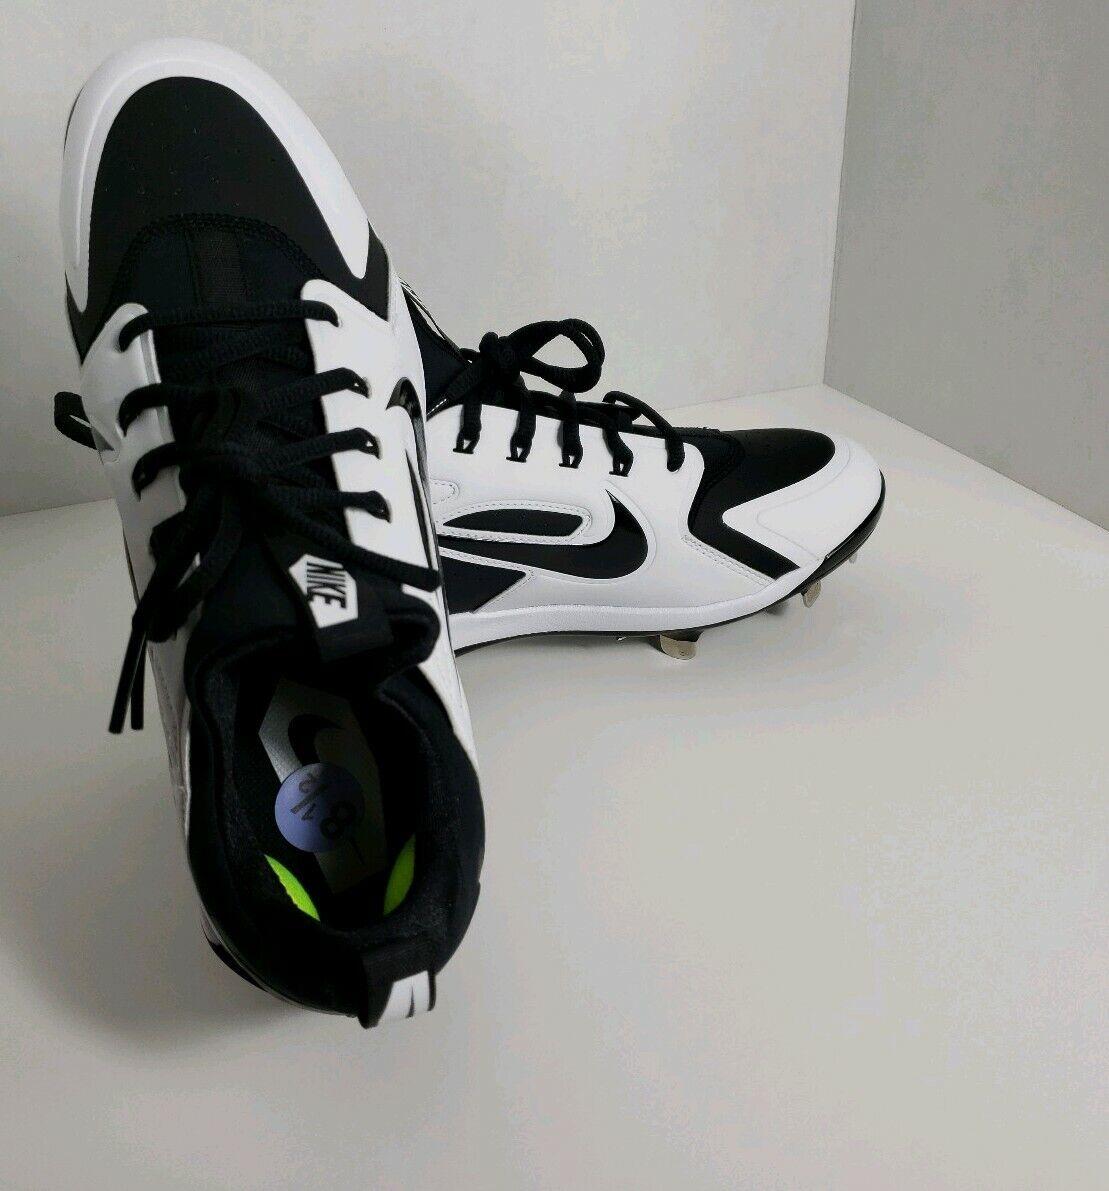 Nuevo Nike Alpha Huarache Elite  Botines de béisbol Negro blancoo De Hombre Tallas 8.5  lo último